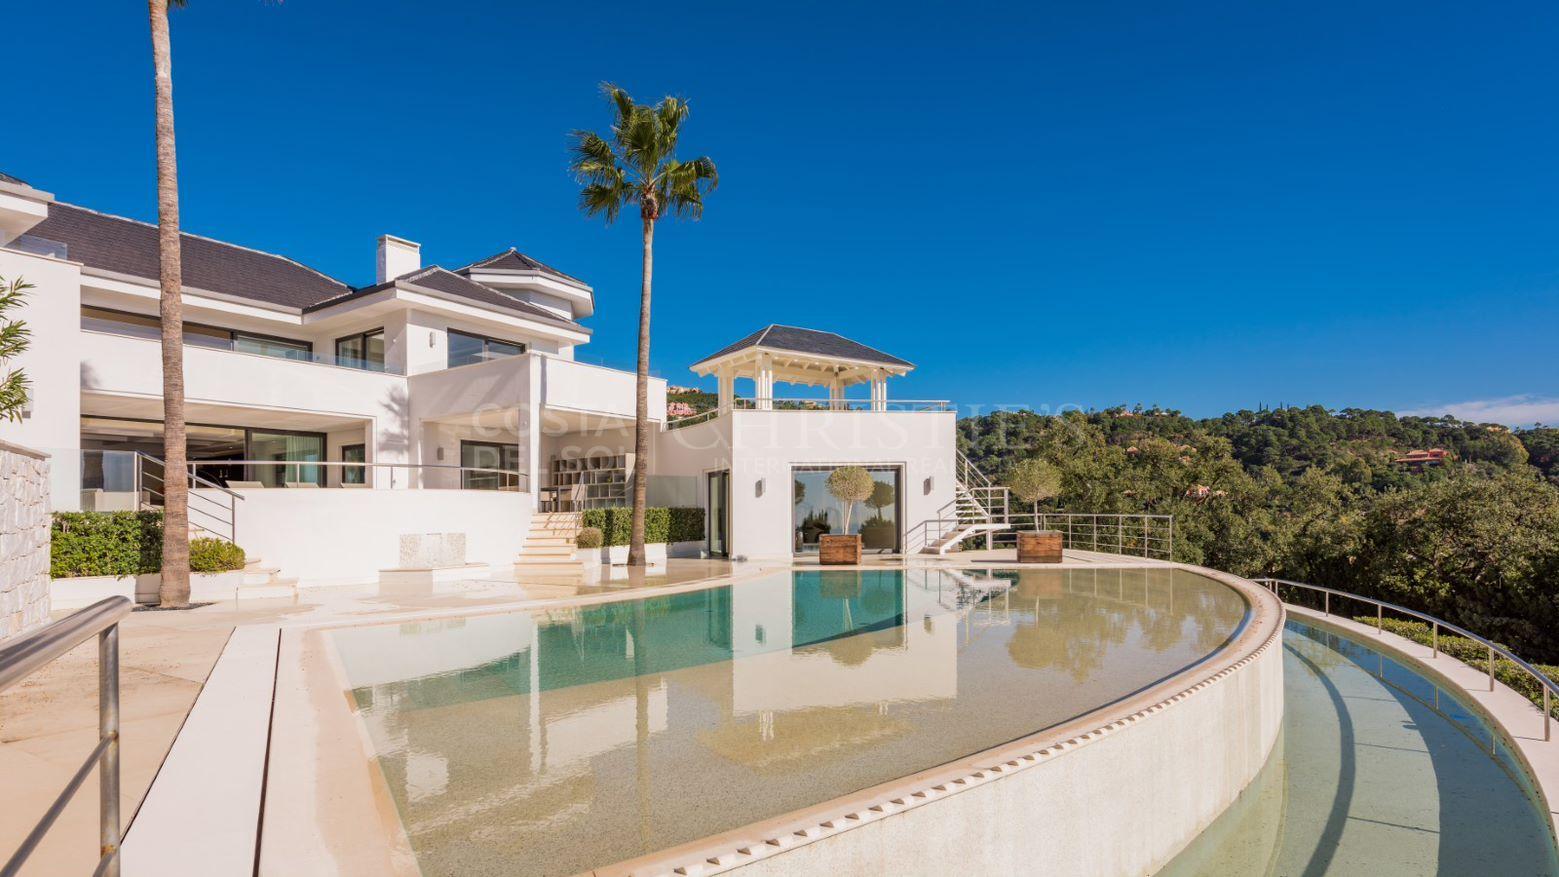 Design Villa in La Zagaleta, Benahavís | Christie's International Real Estate